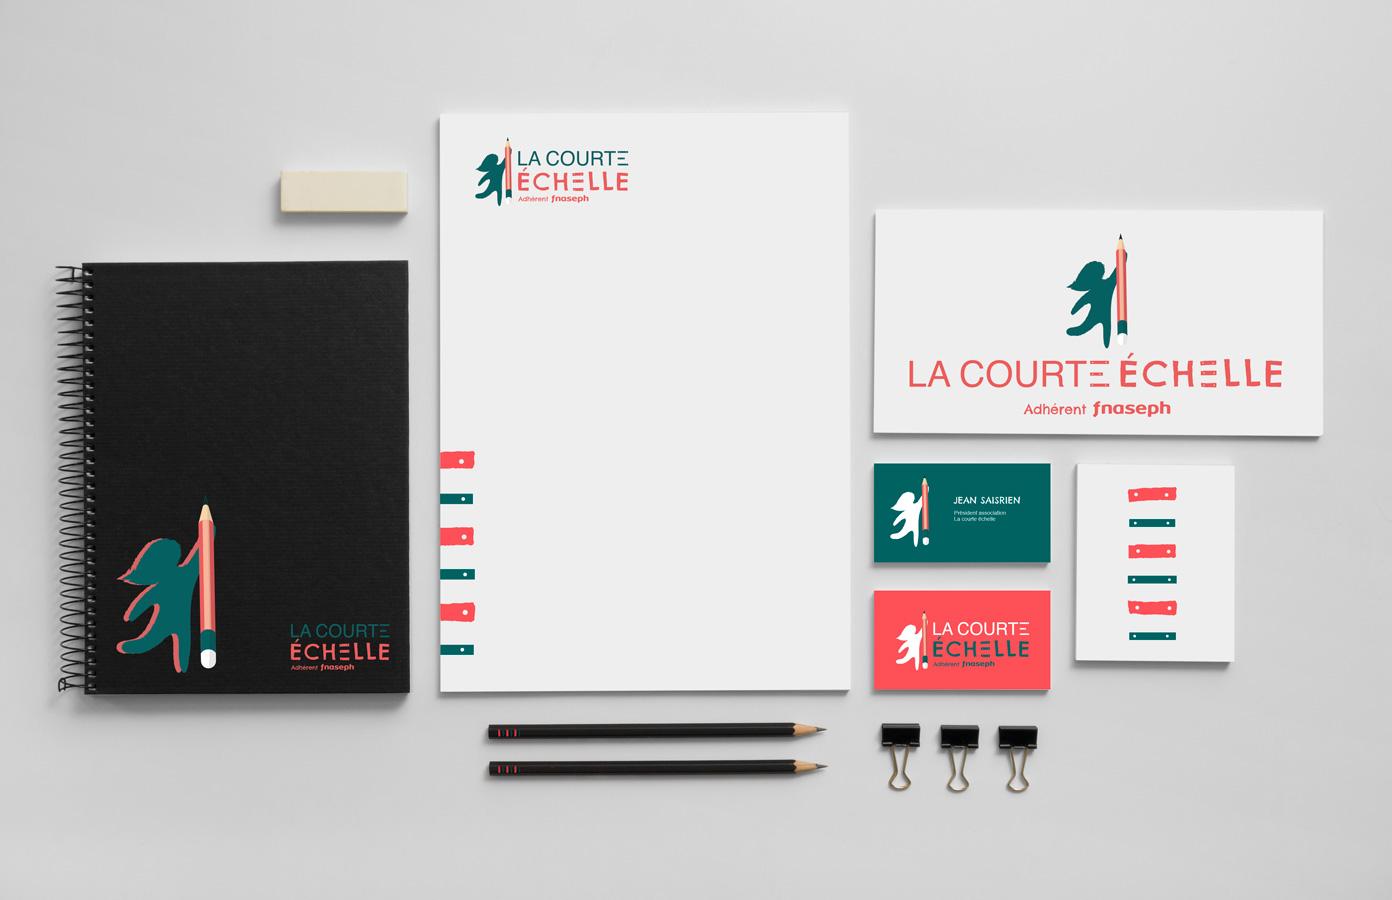 Identité visuelle et supports de communication pour l'association La Courte Échelle réalisés par MADMINT